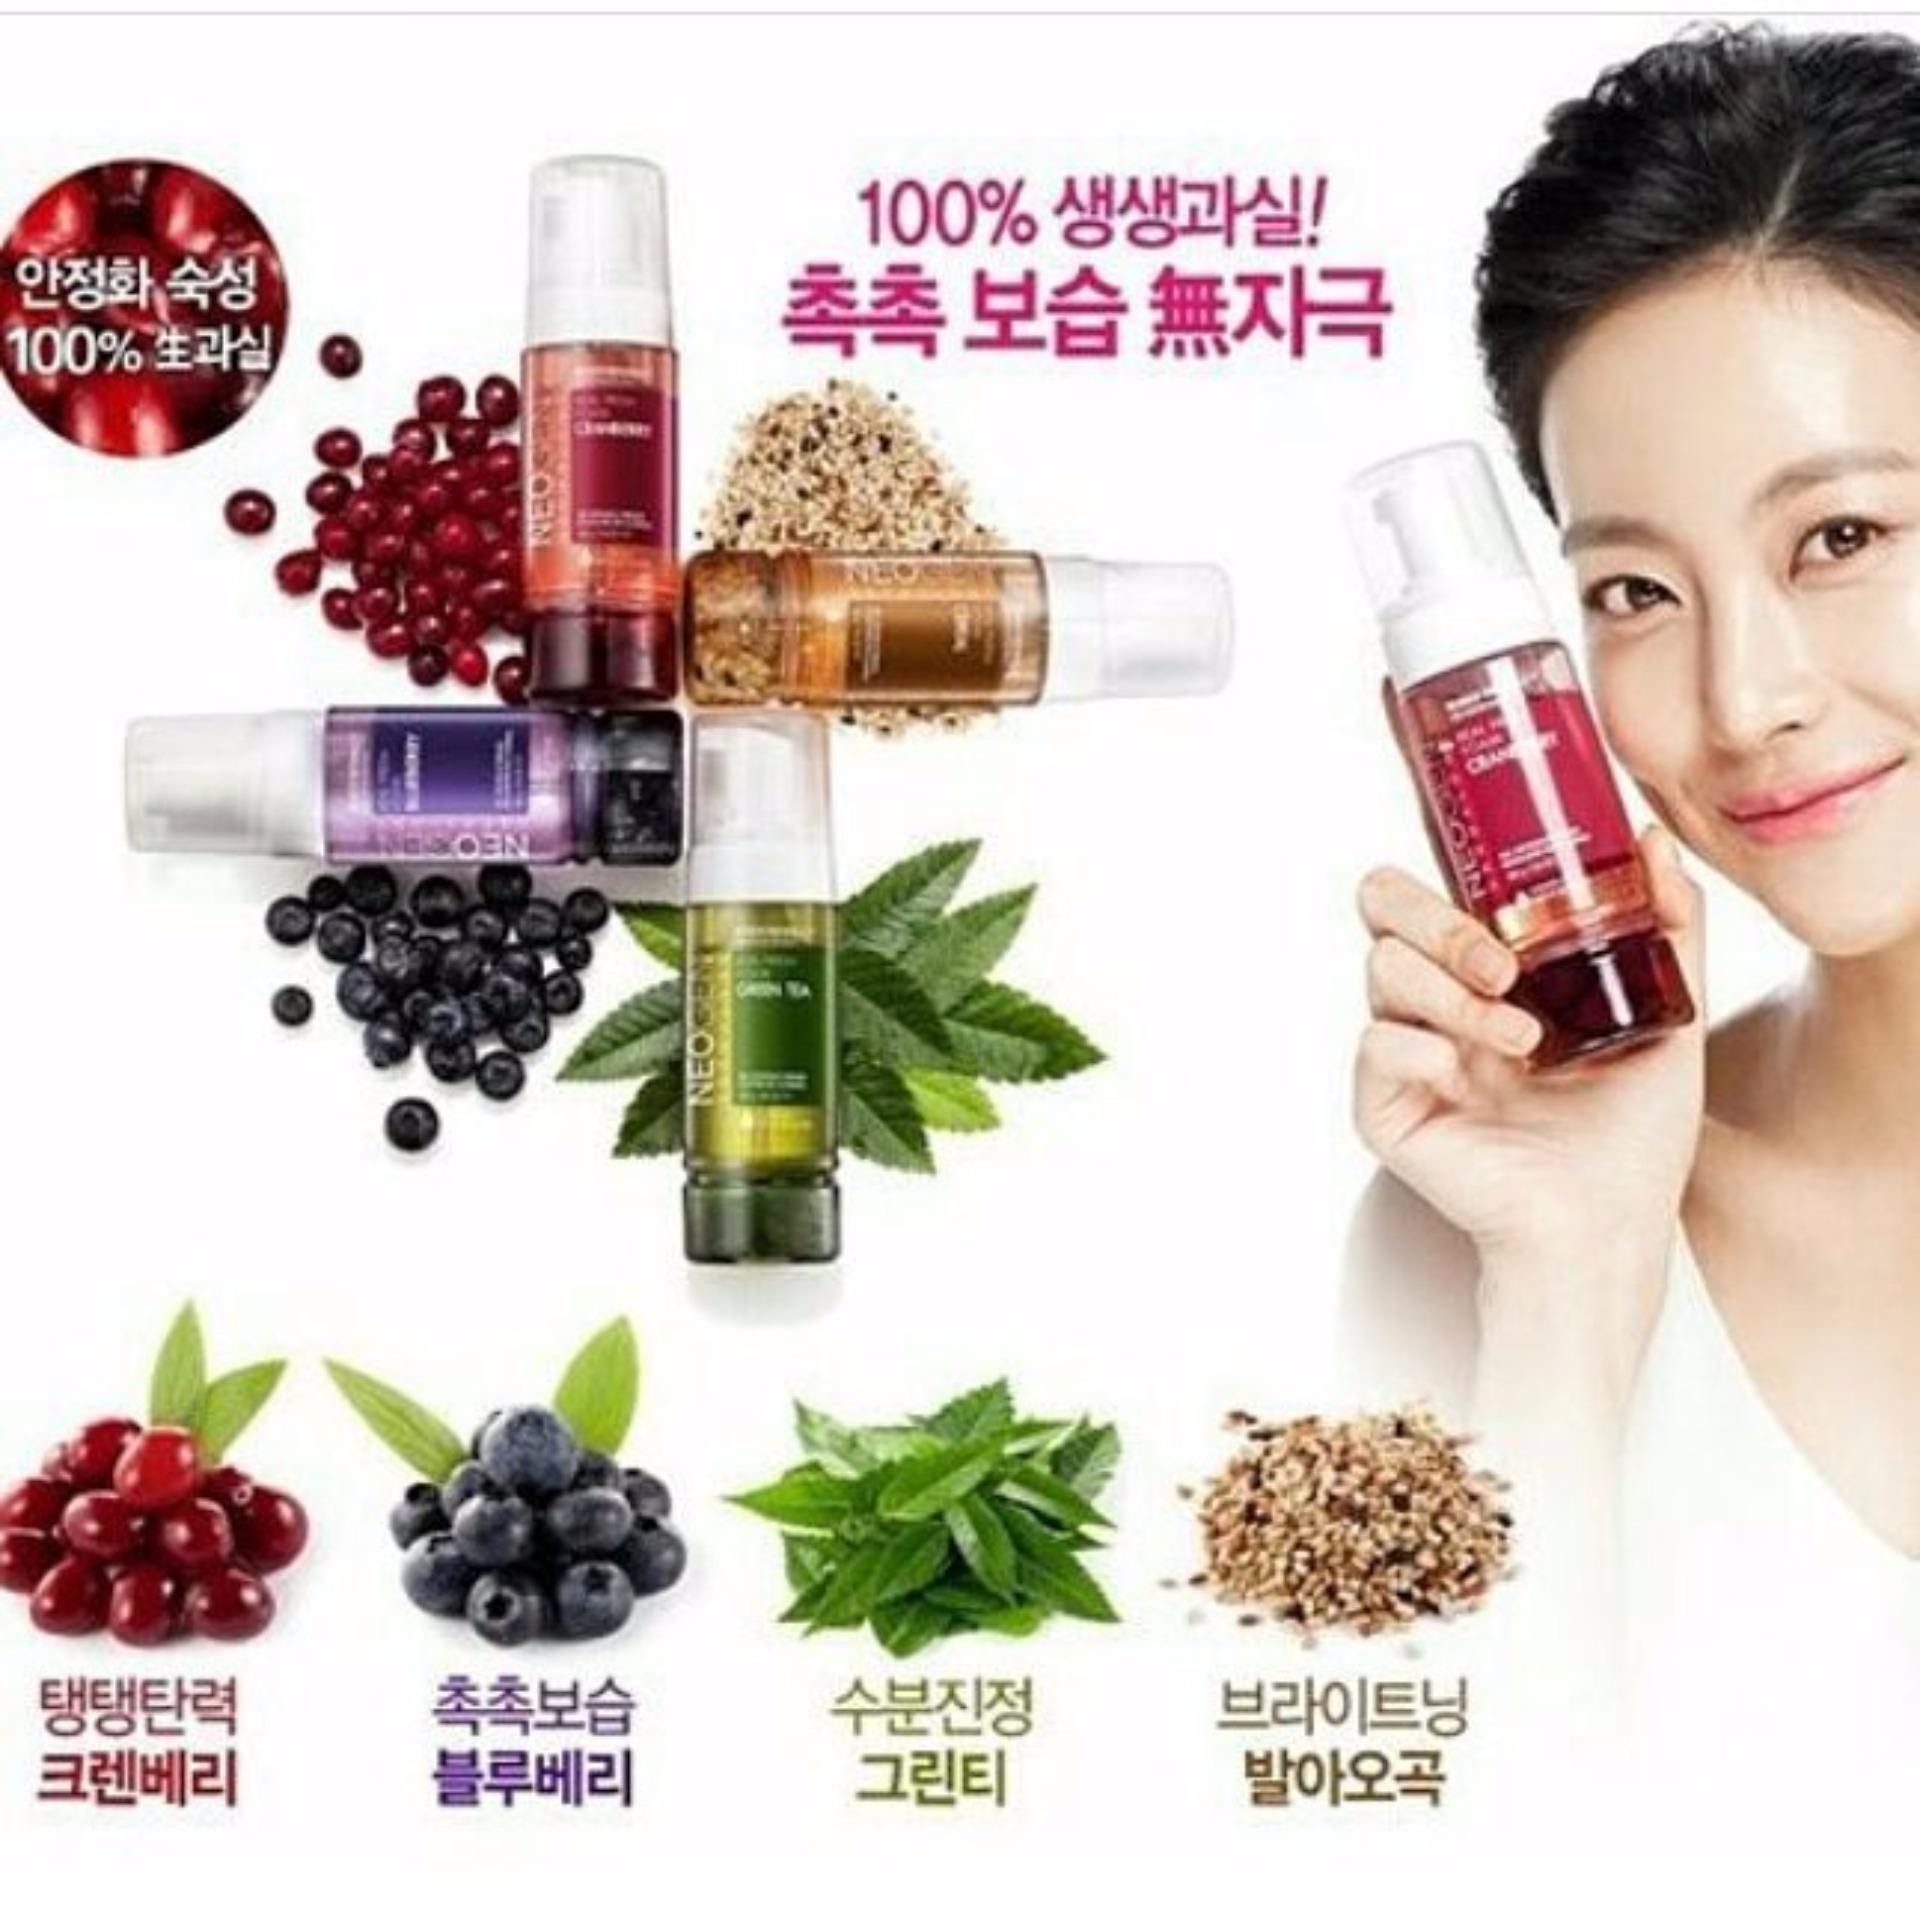 Neogen Dermatologi Real Fresh Foam Green Tea Daftar Harga Terkini Dermalogy Cranberry 160ml Dermalogi